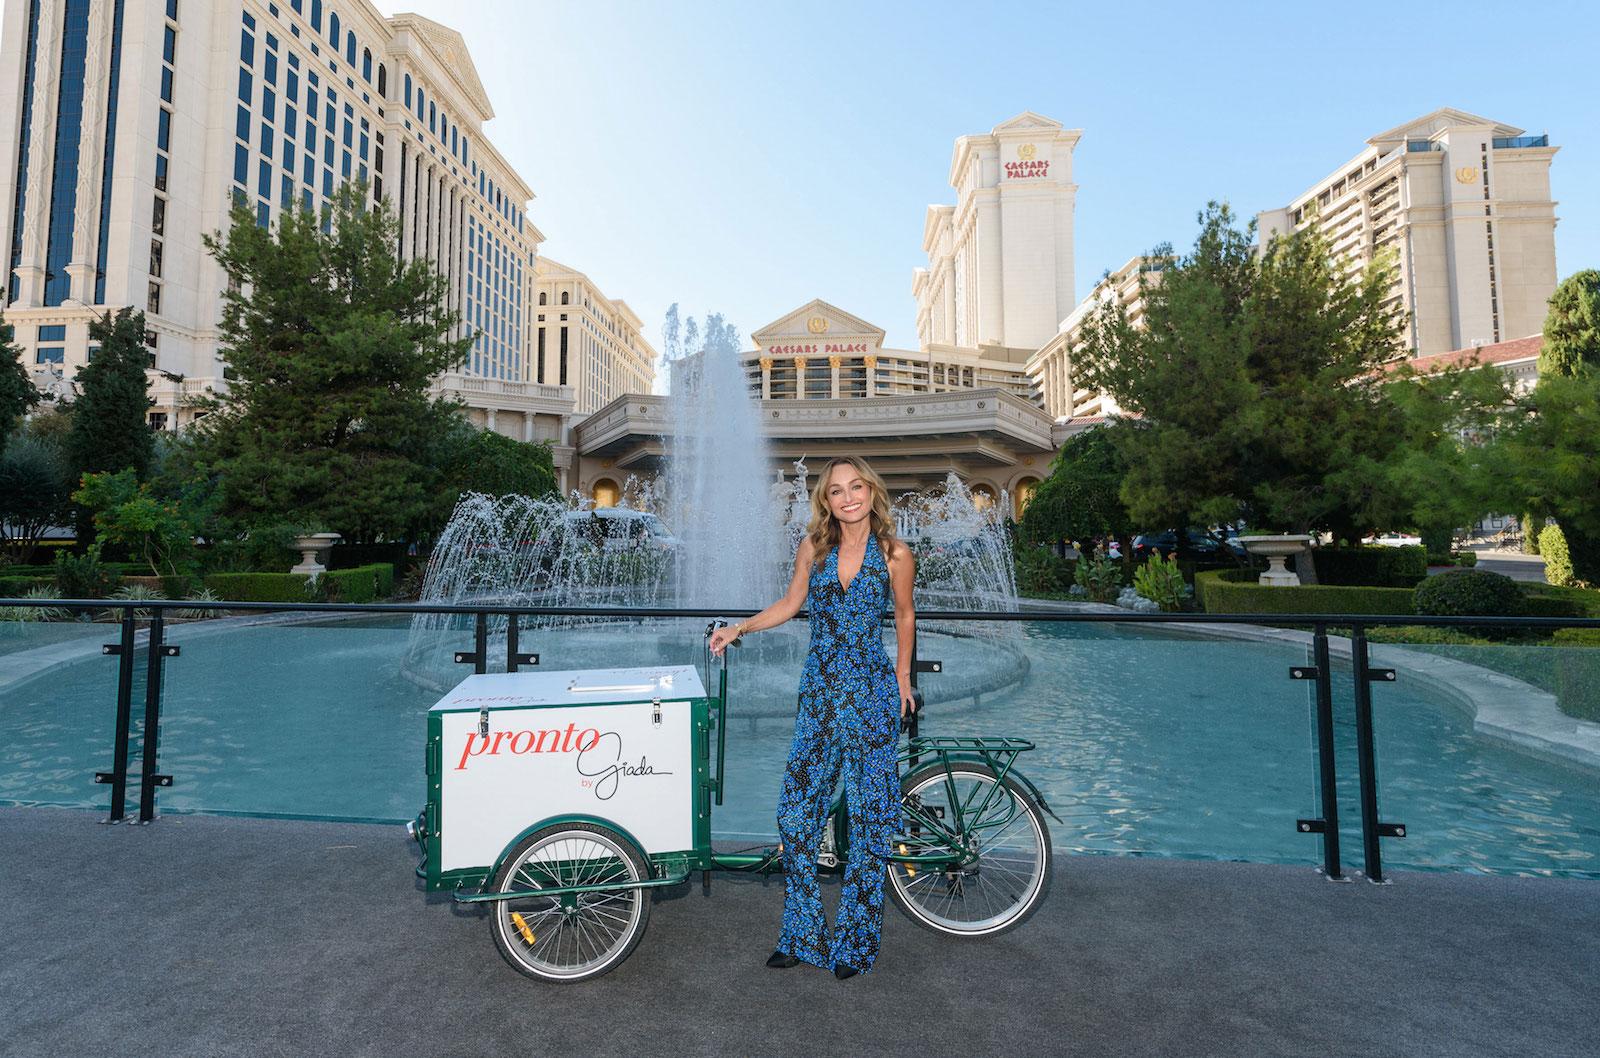 Giada takes the next step with Pronto at Caesars Palace - Las Vegas ...